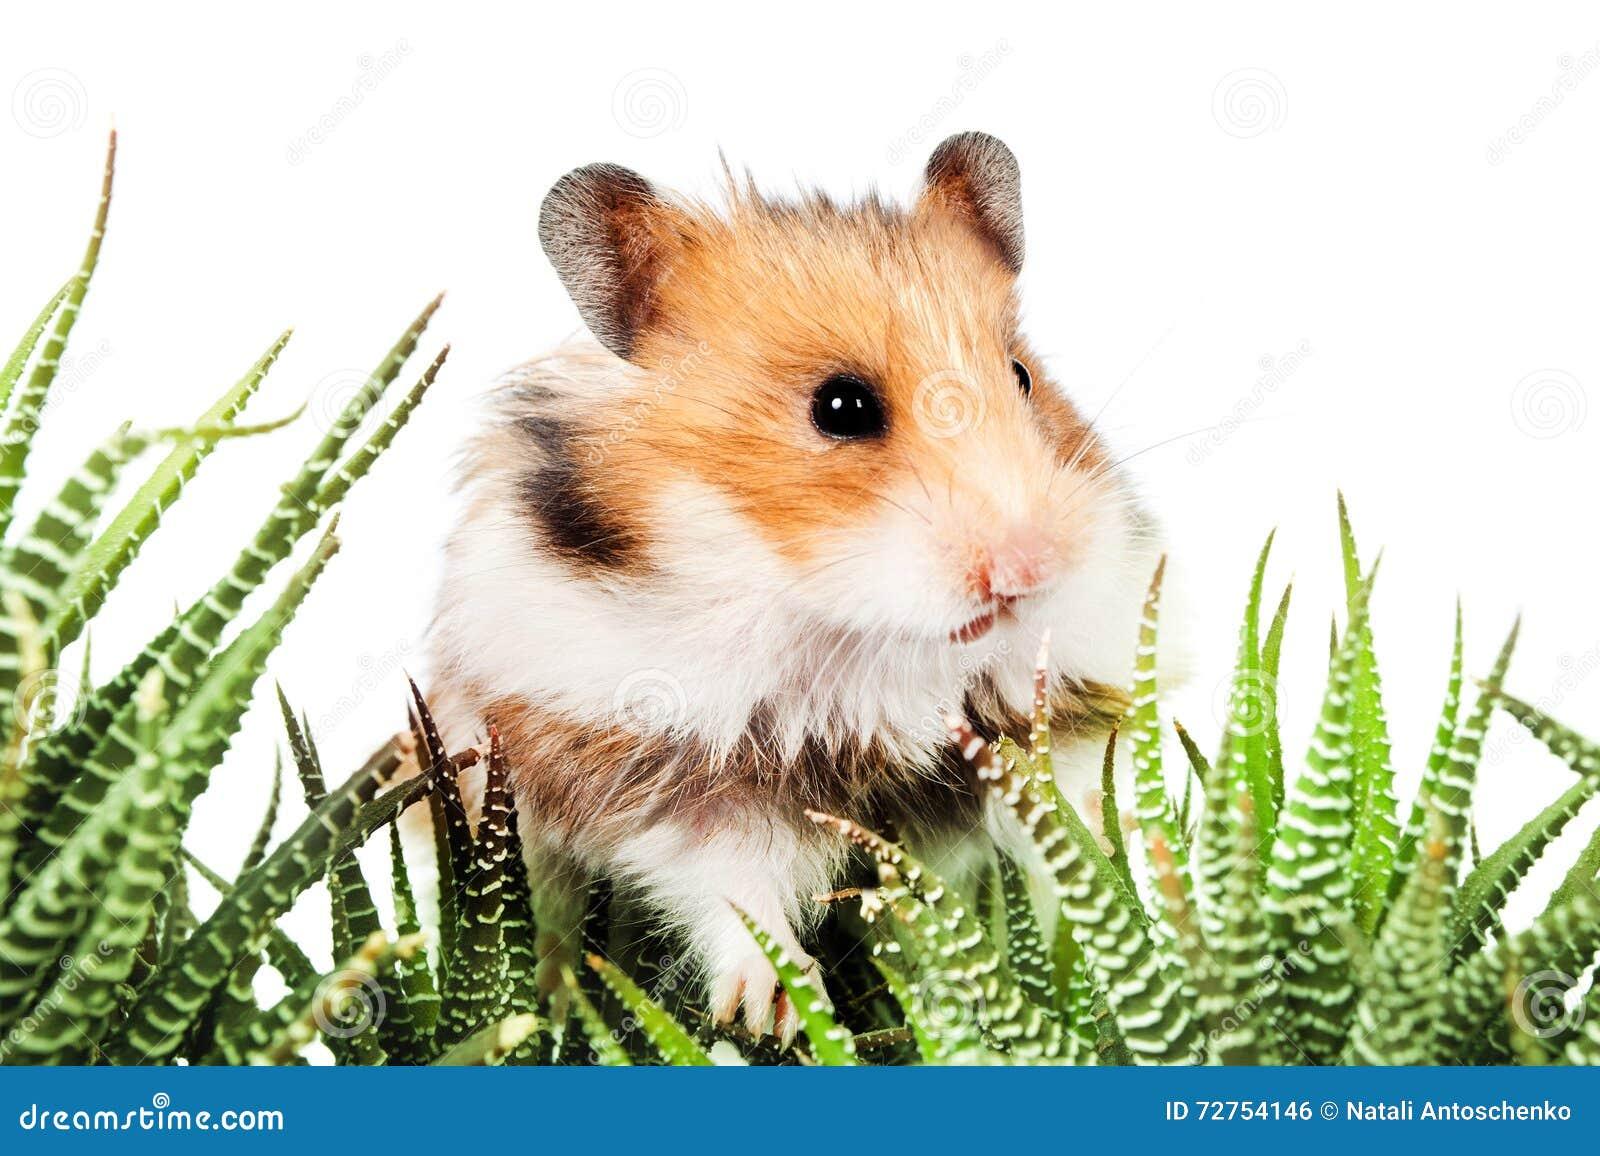 蓬松生长,国内,毛皮,蜜蜂,逗人,绿色,眼睛,草,乐趣,耳朵仓鼠喜爱的温度是多少图片